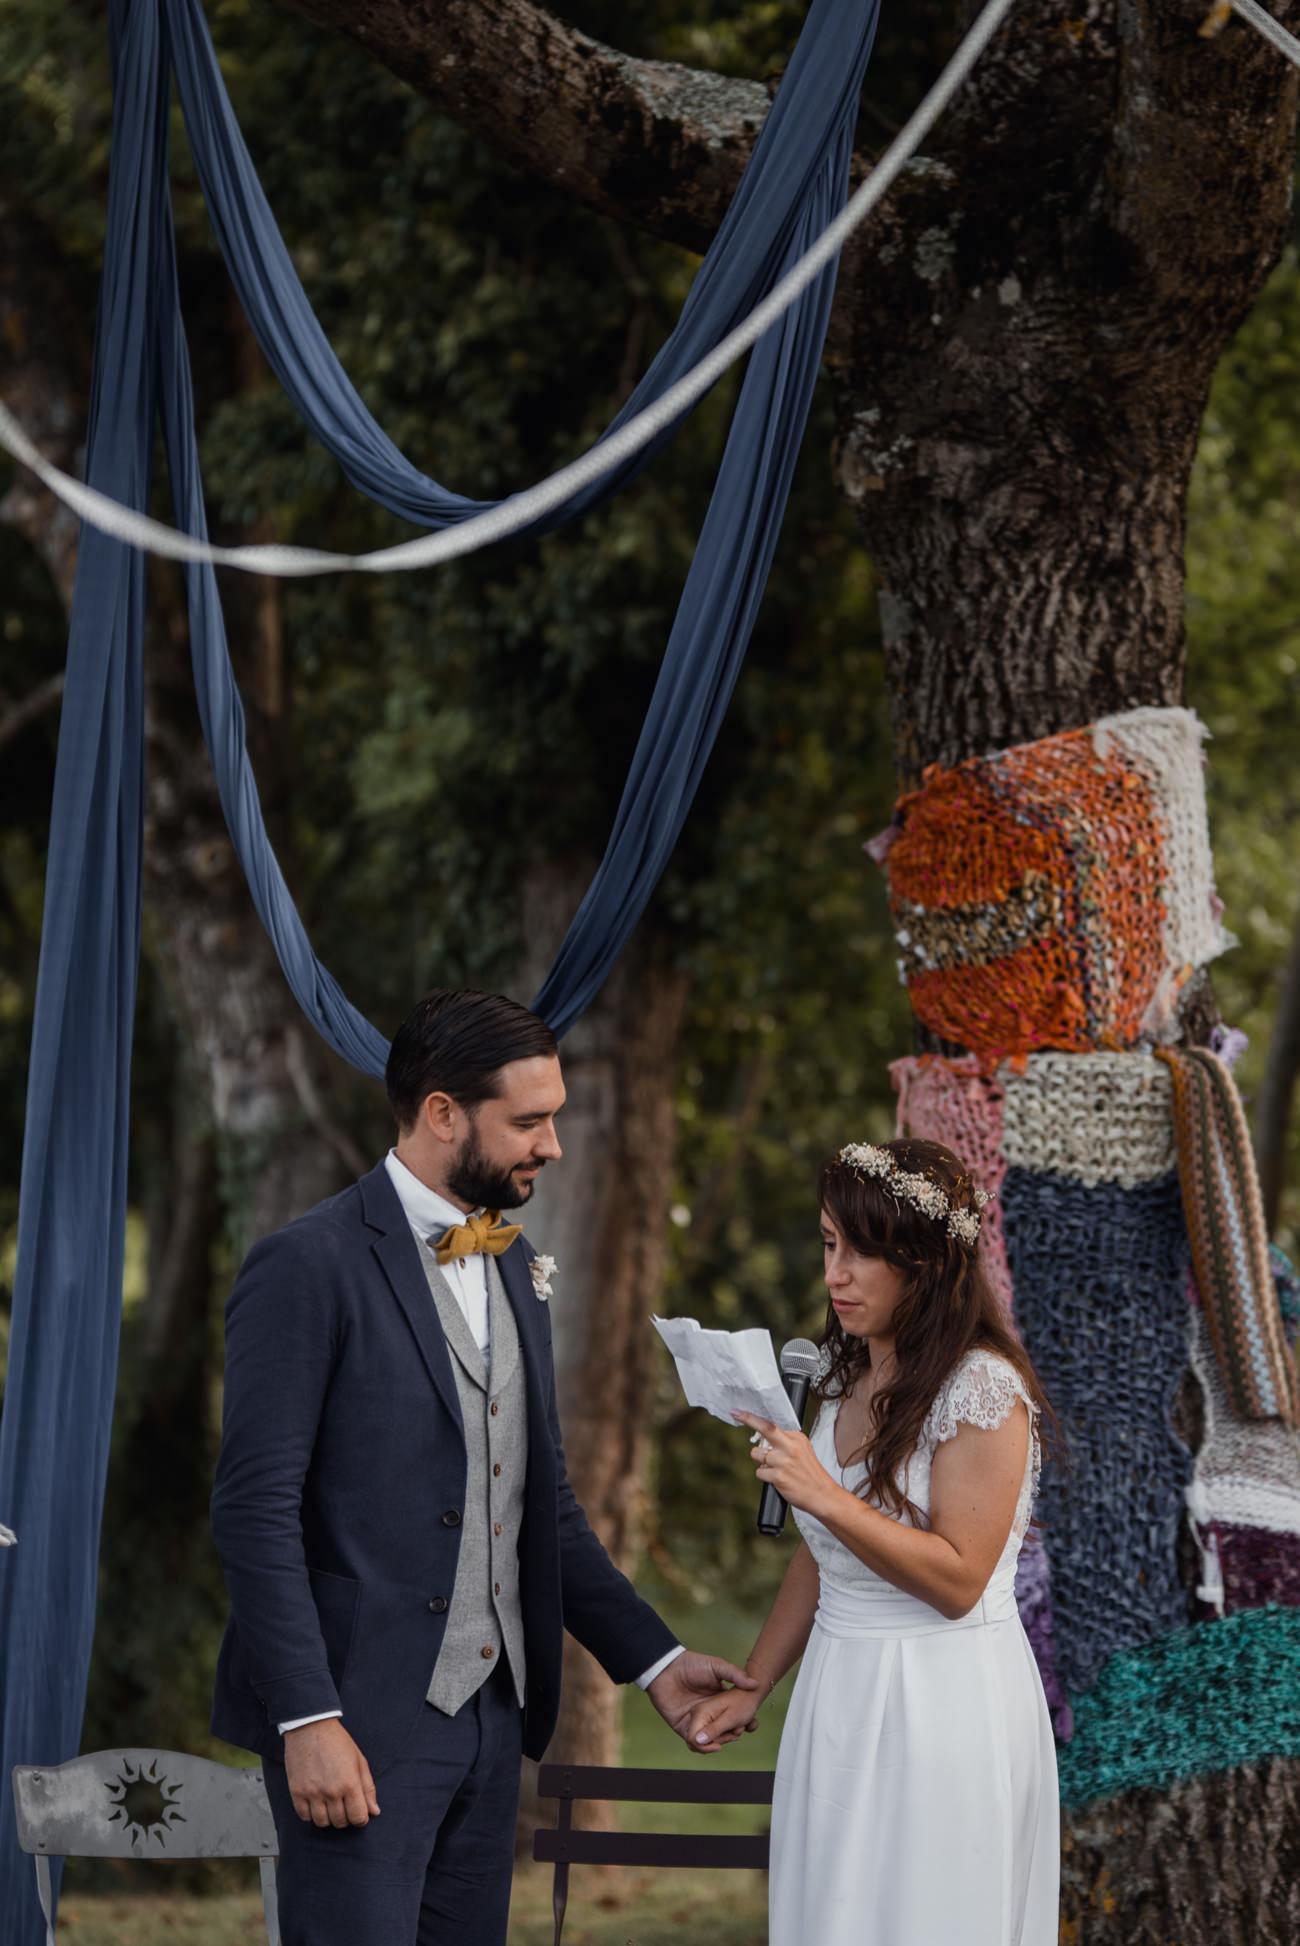 cérémonie laïque sous un arbre, mariage intime, Priscillia Hervier photograph